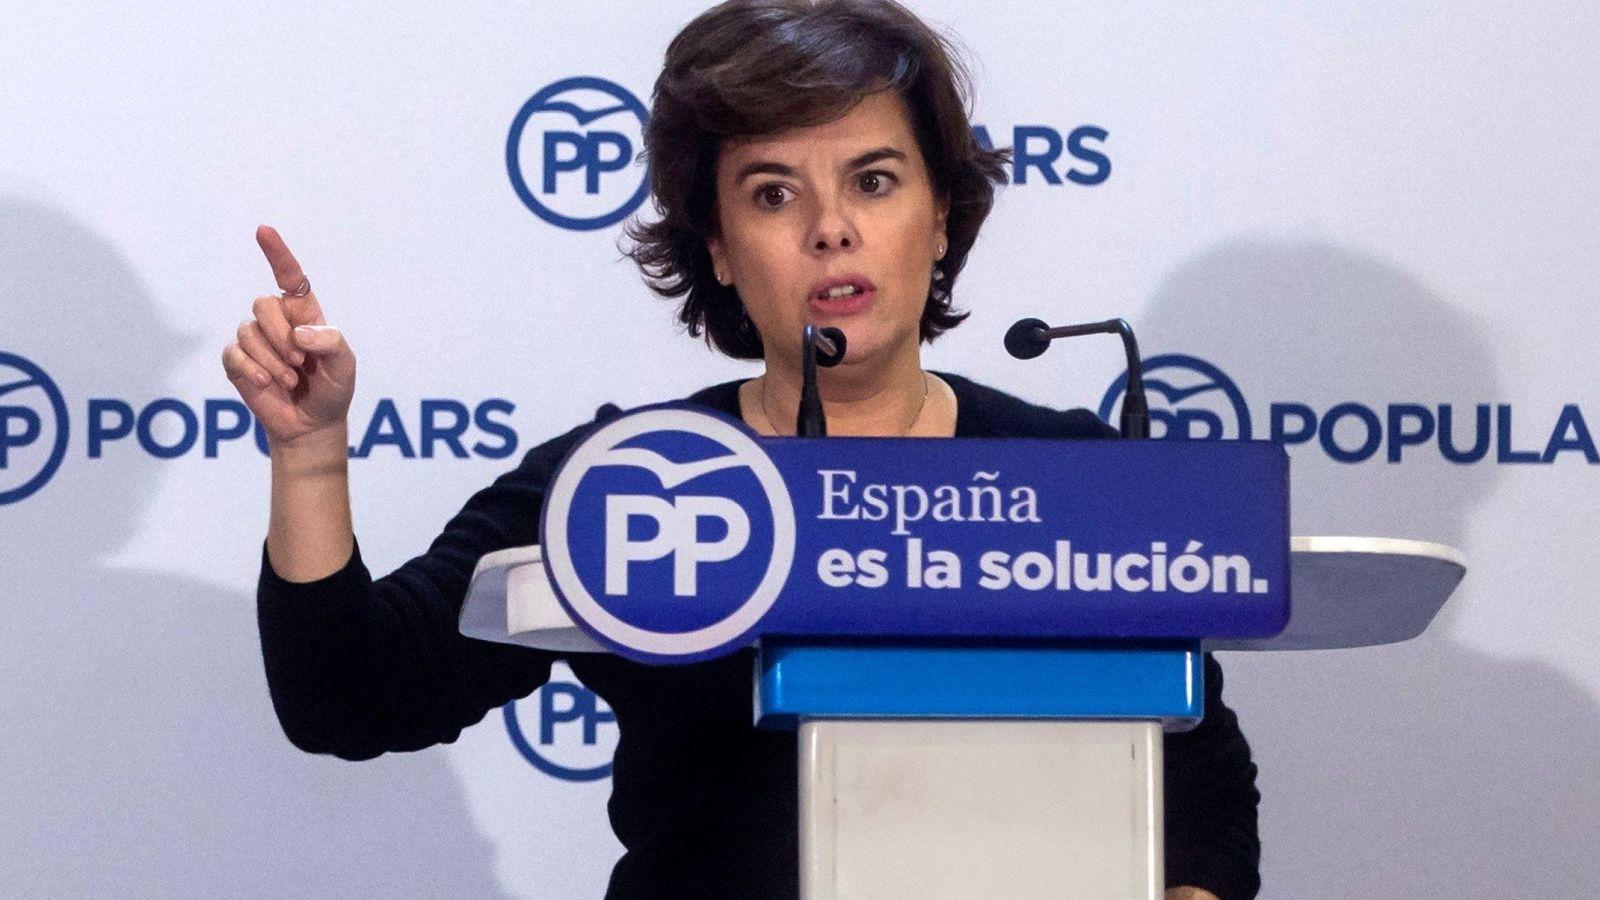 Foto: La vicepresidenta del Gobierno, Soraya Sáenz de Santamaría, en una imagen de archivo. (Efe)